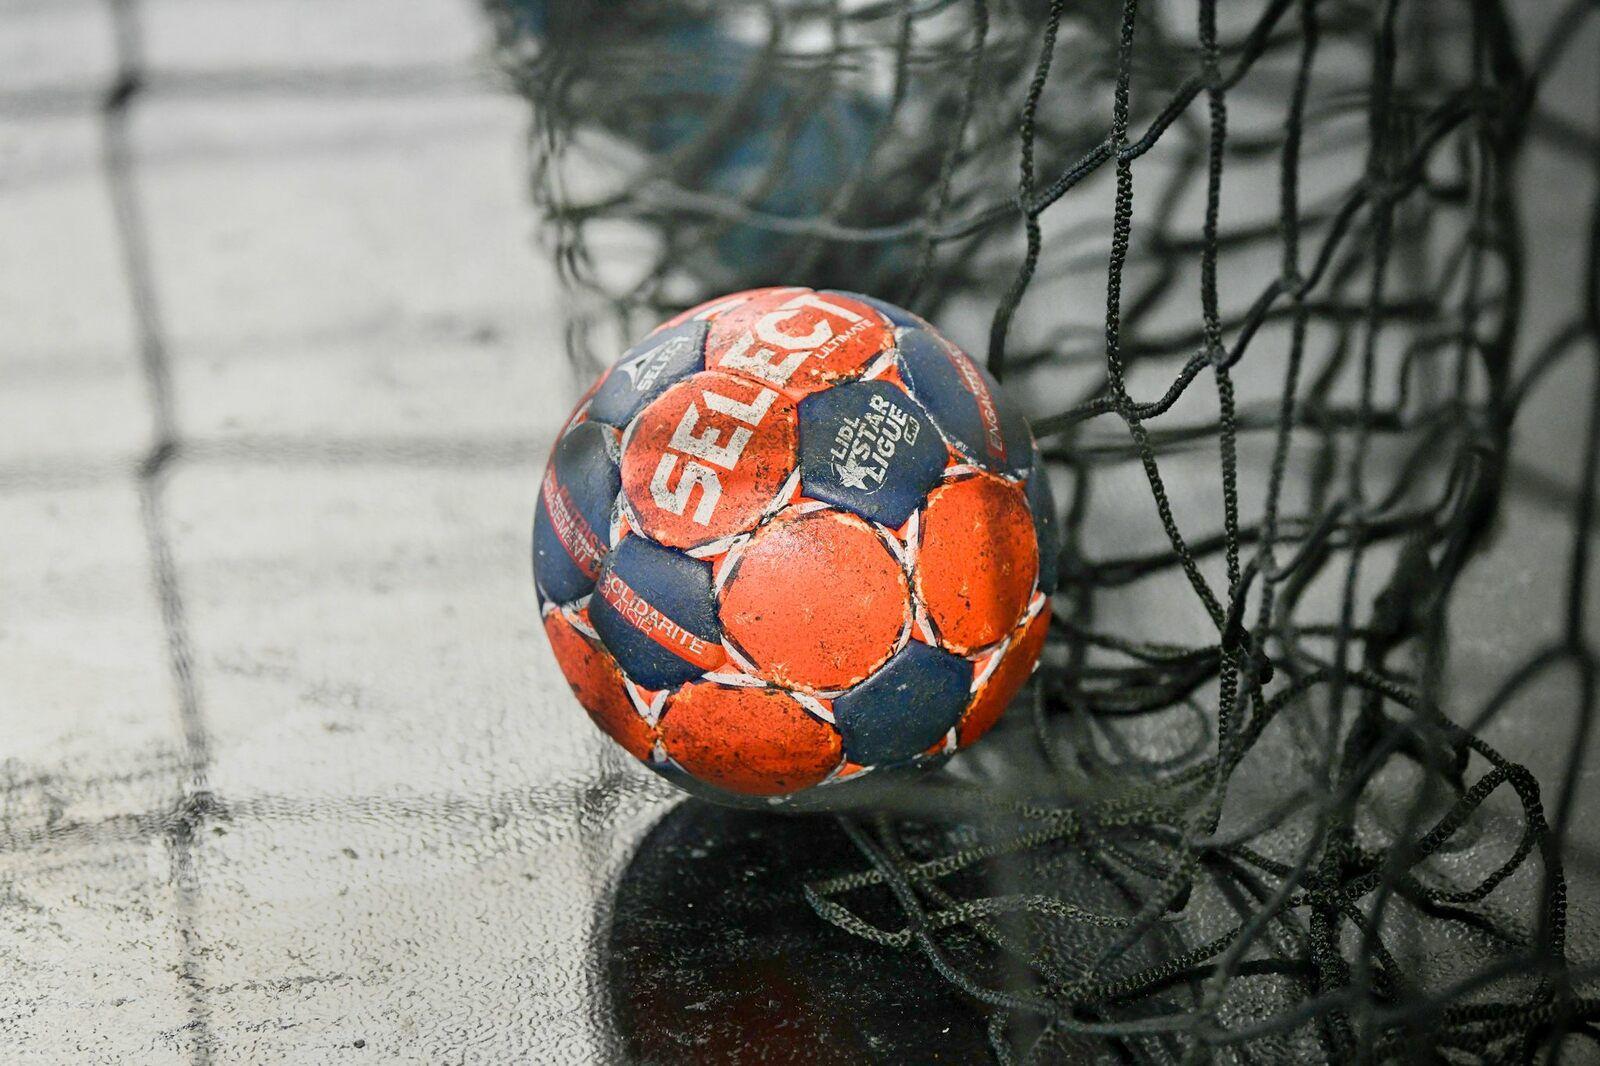 Le centre de formation de CHAMBERY direction Montpellier pour un nouveau tournoi des centres 20 et 21 mars 2021